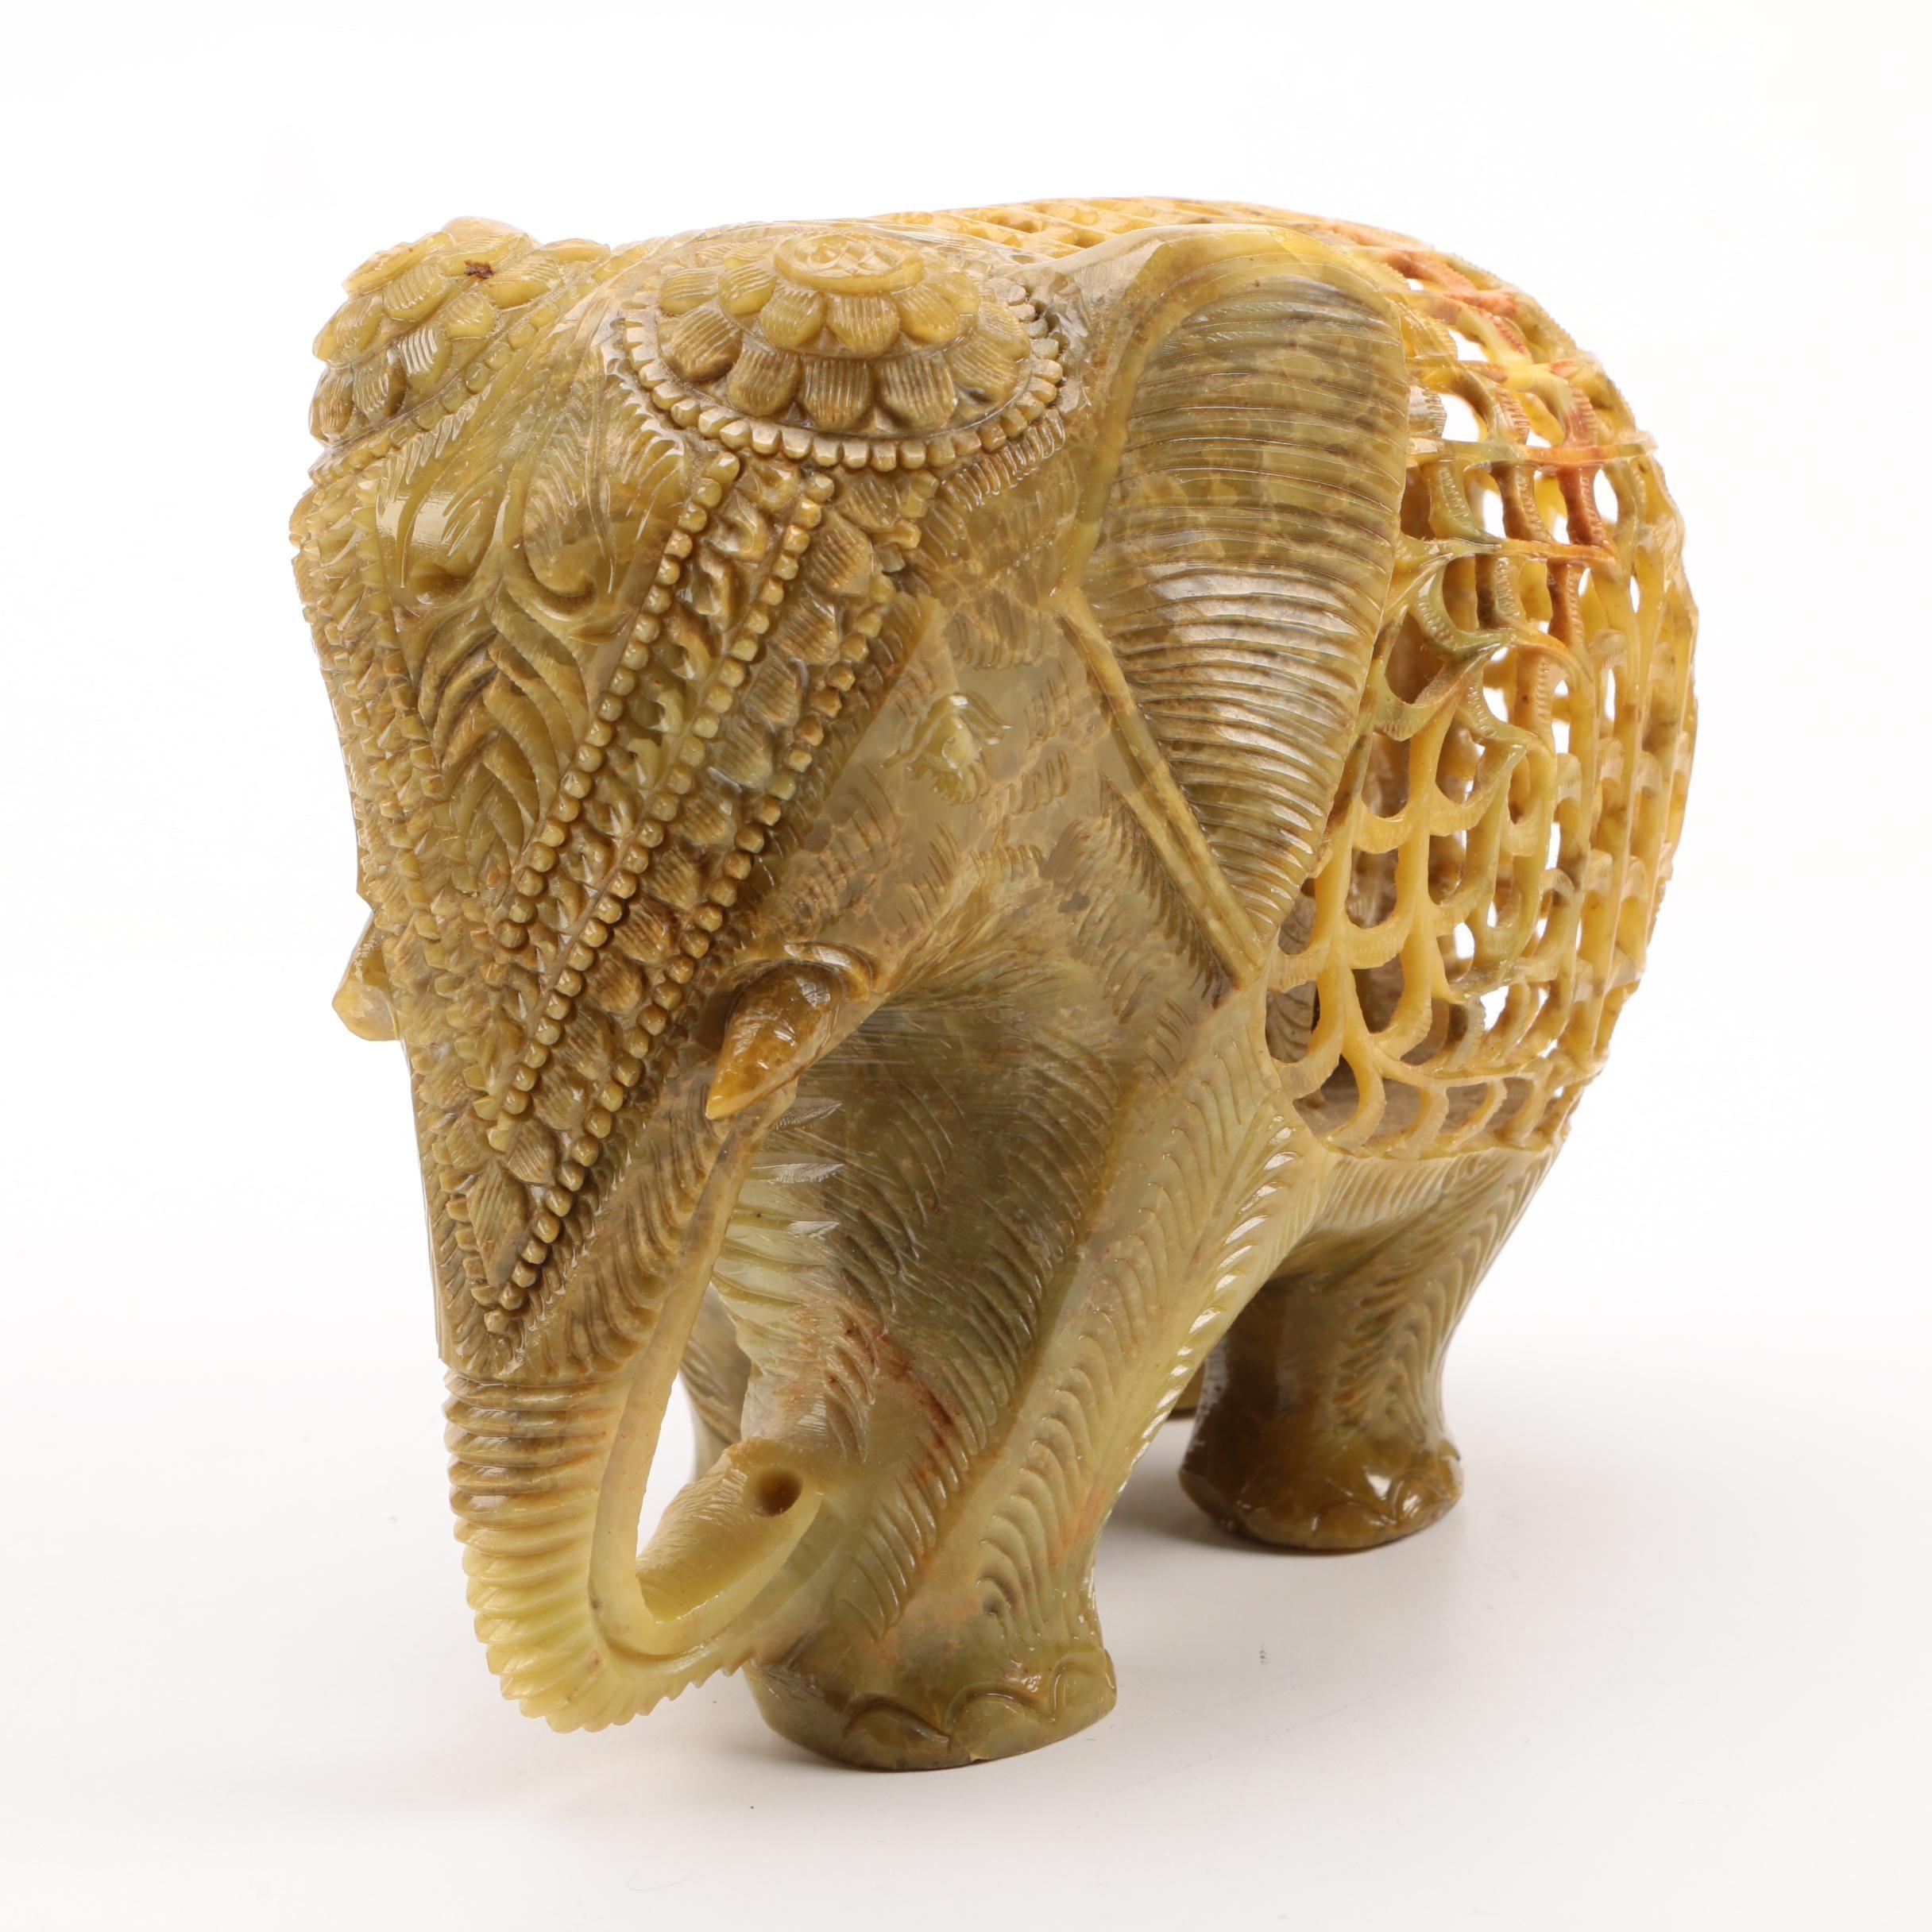 Soapstone-Carved Elephant